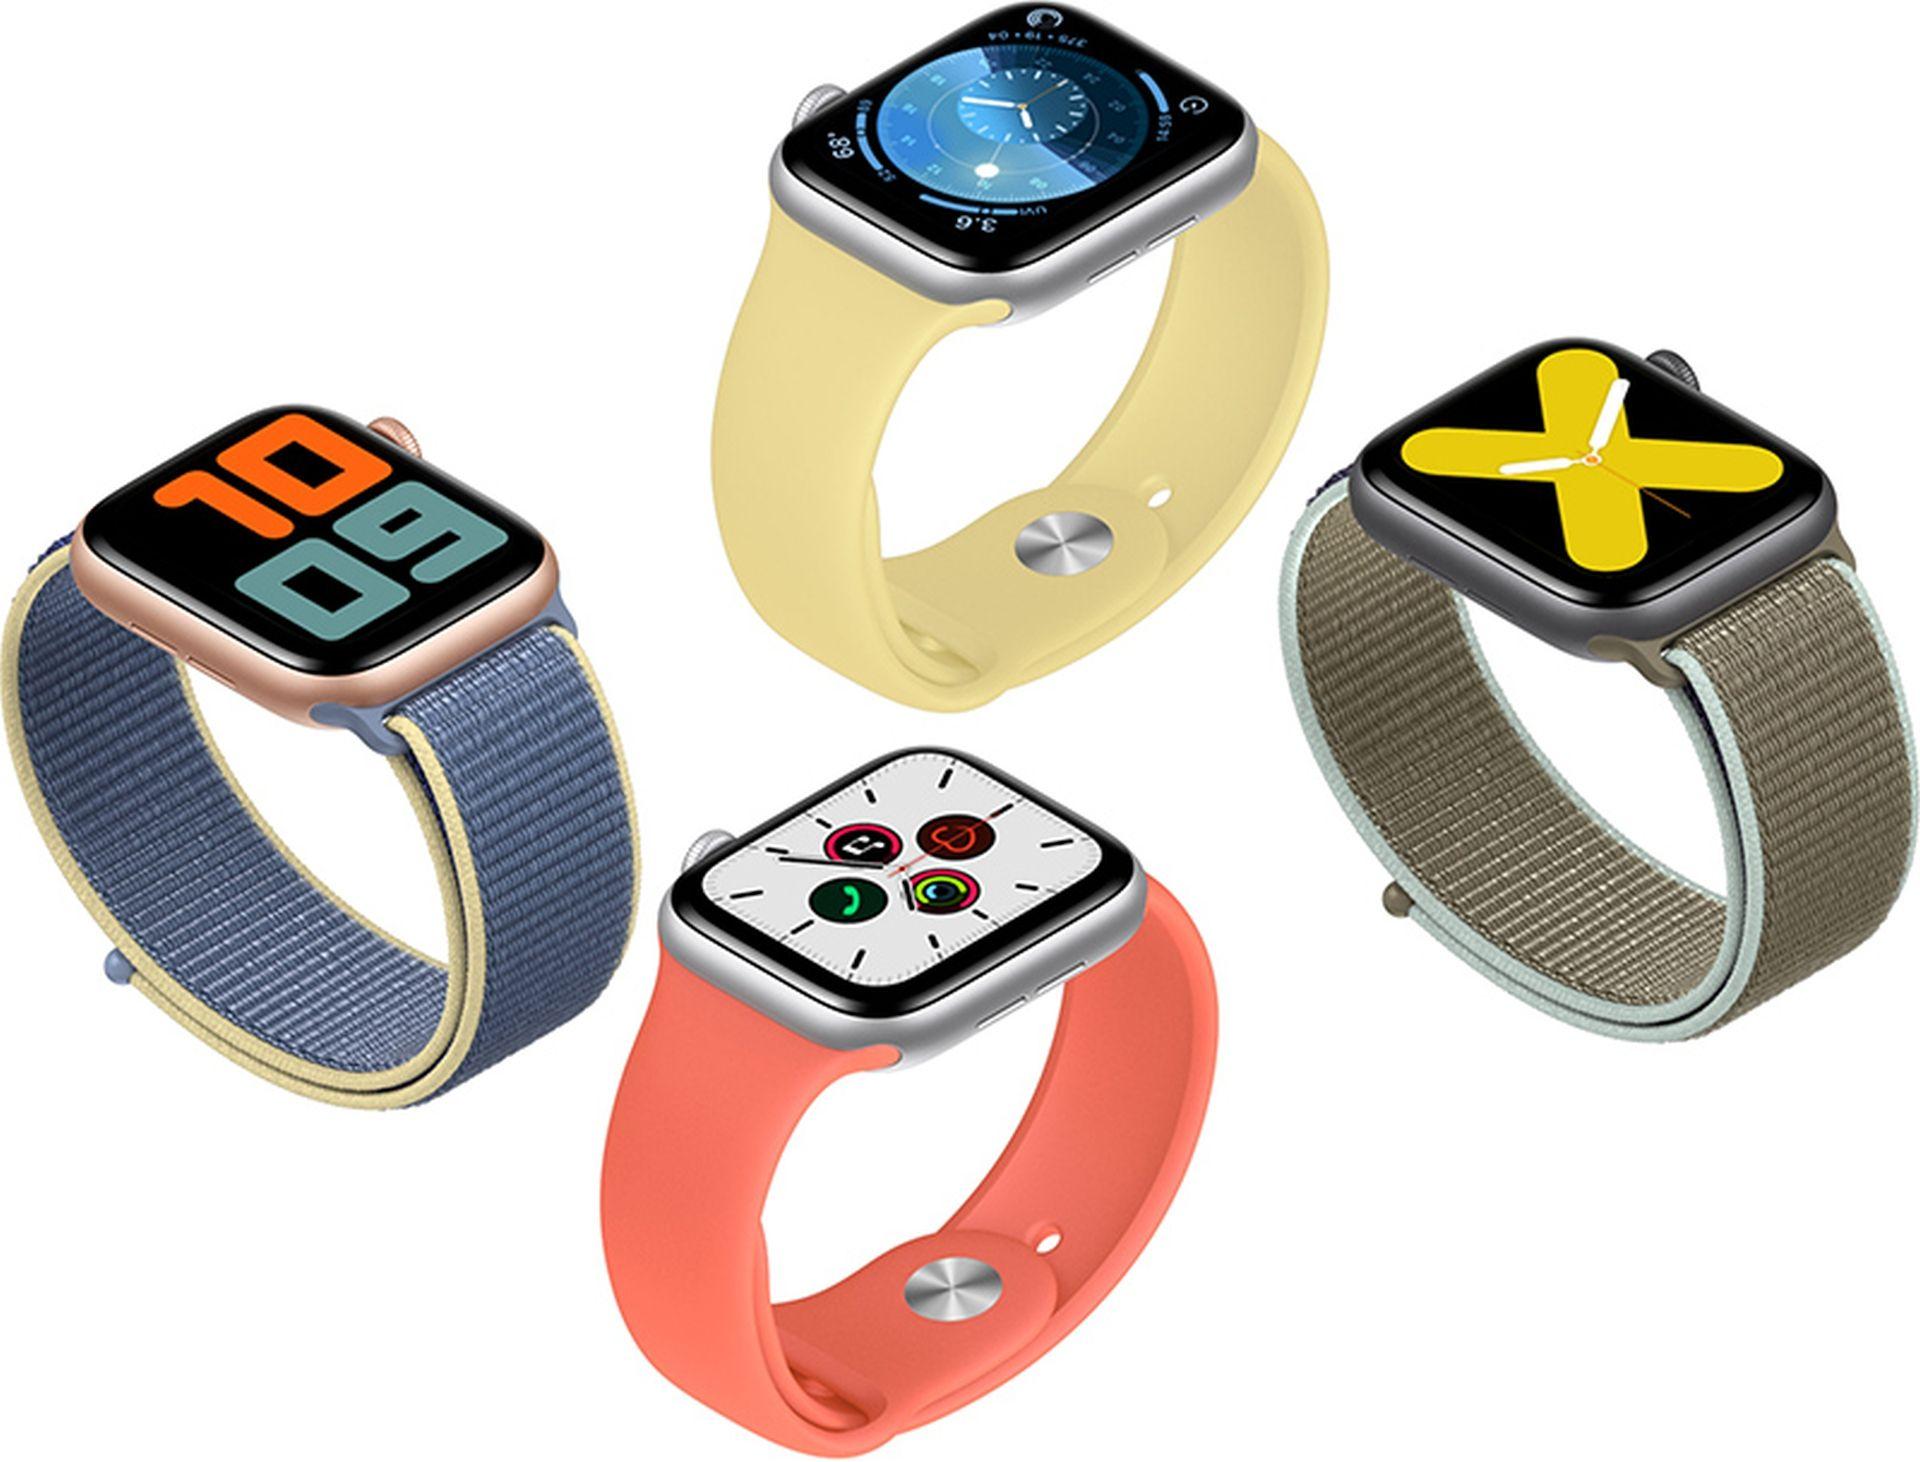 Informację o zegarkach Apple Watch Series 6